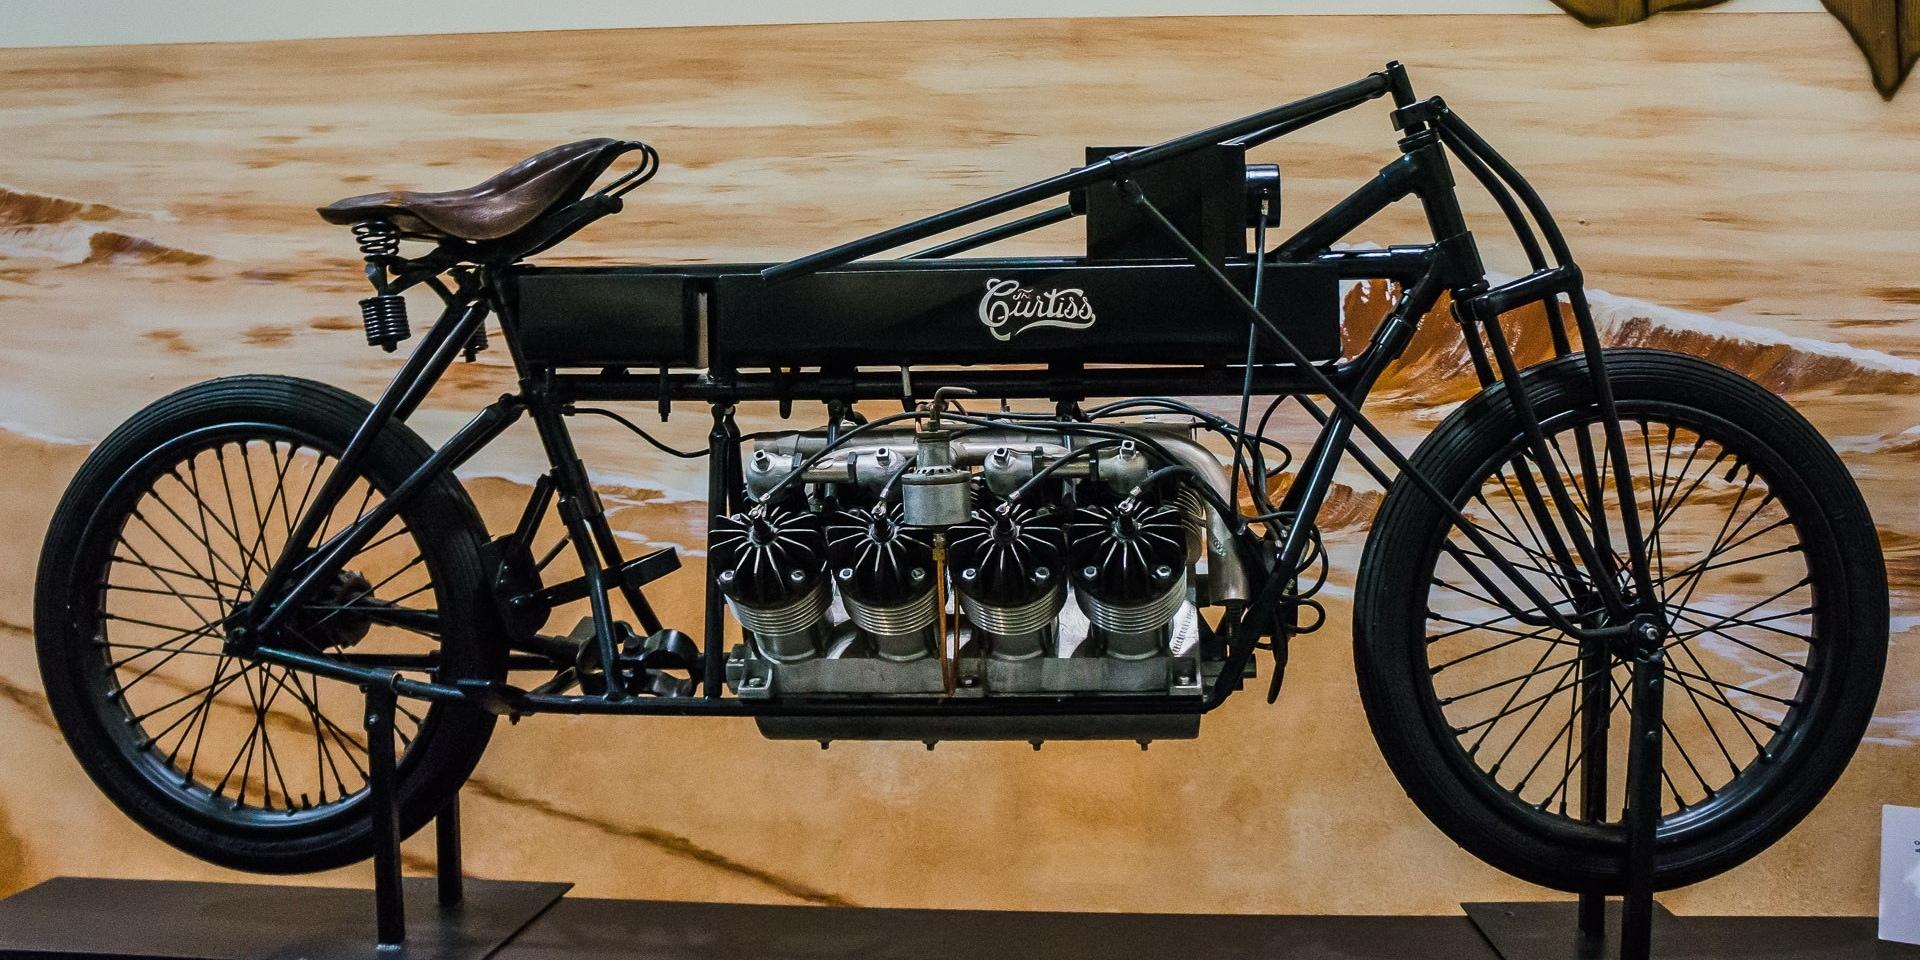 機車V8引擎巡禮(一):怪獸始祖 Curtiss V8